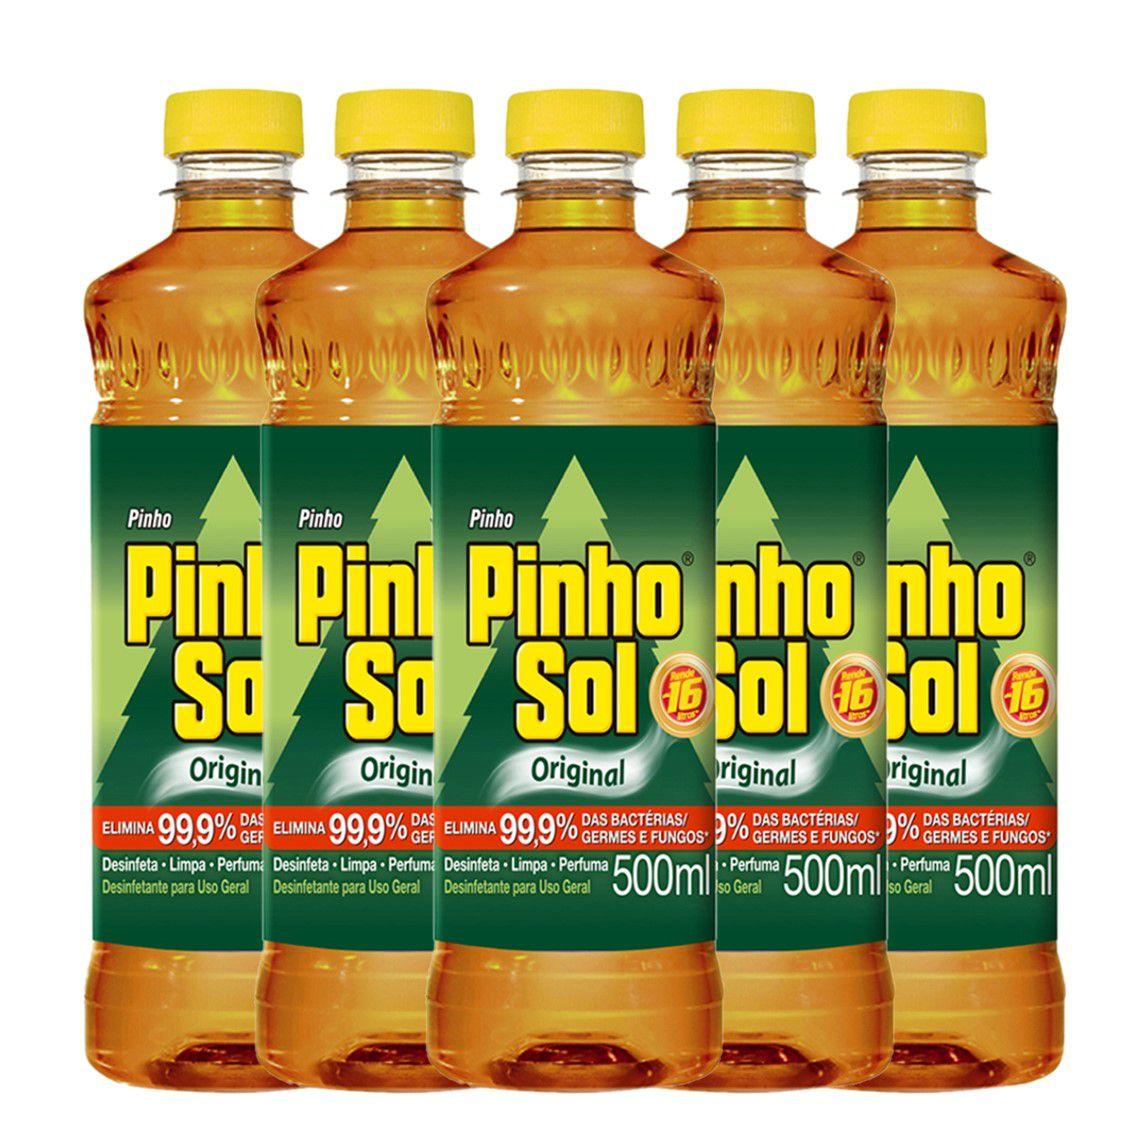 Kit com 5 Desinfetante Pinho Sol Original 500ml Cada